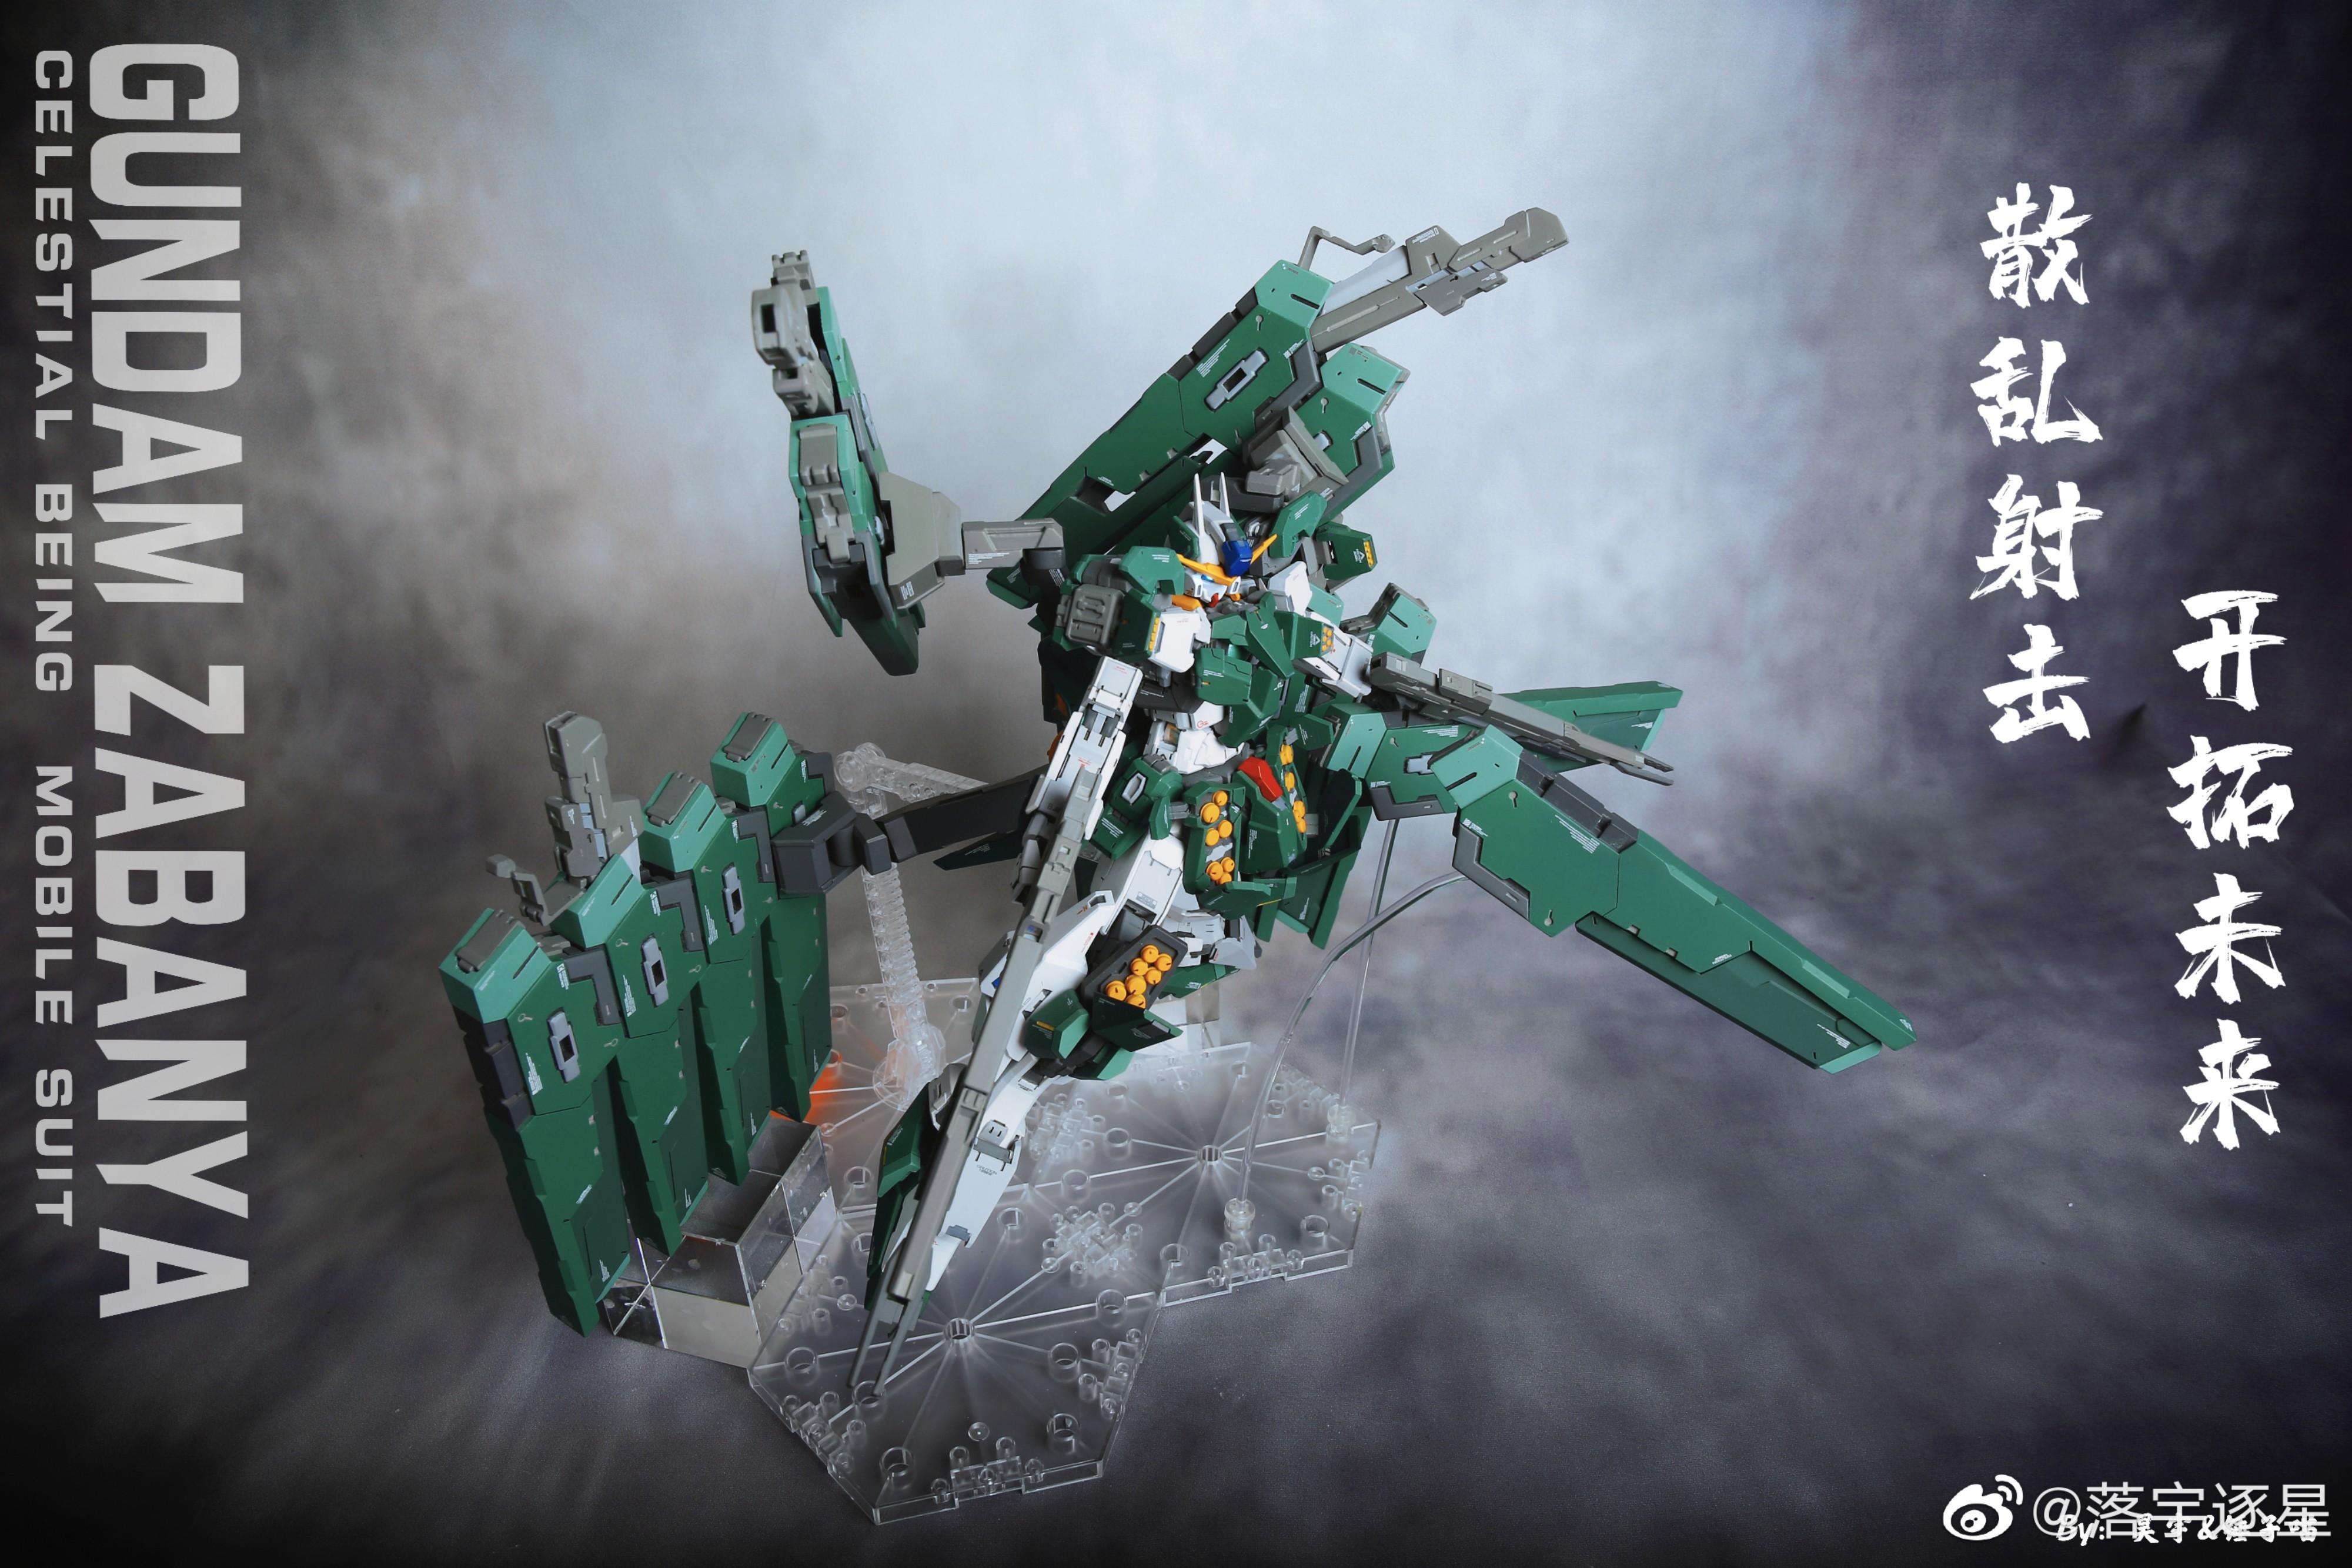 G652_3_GN_010_OO_Gundam_Zabanya_006.jpg